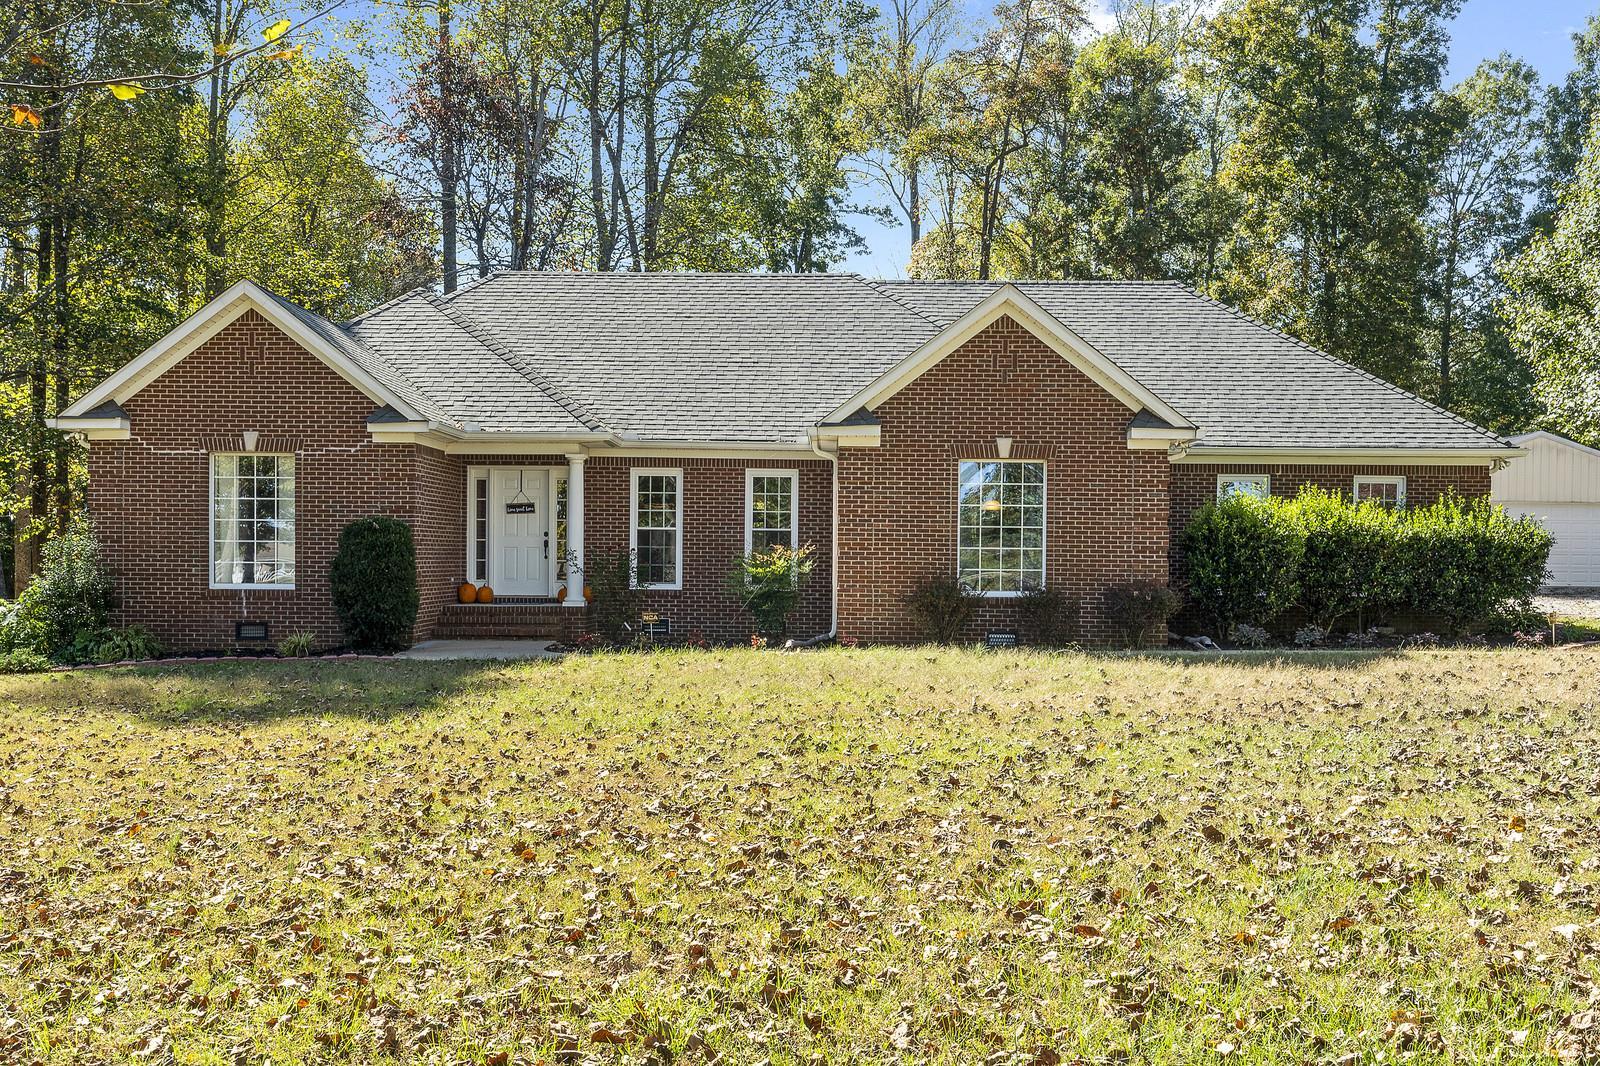 7205 Highland Rd, Portland, TN 37148 - Portland, TN real estate listing